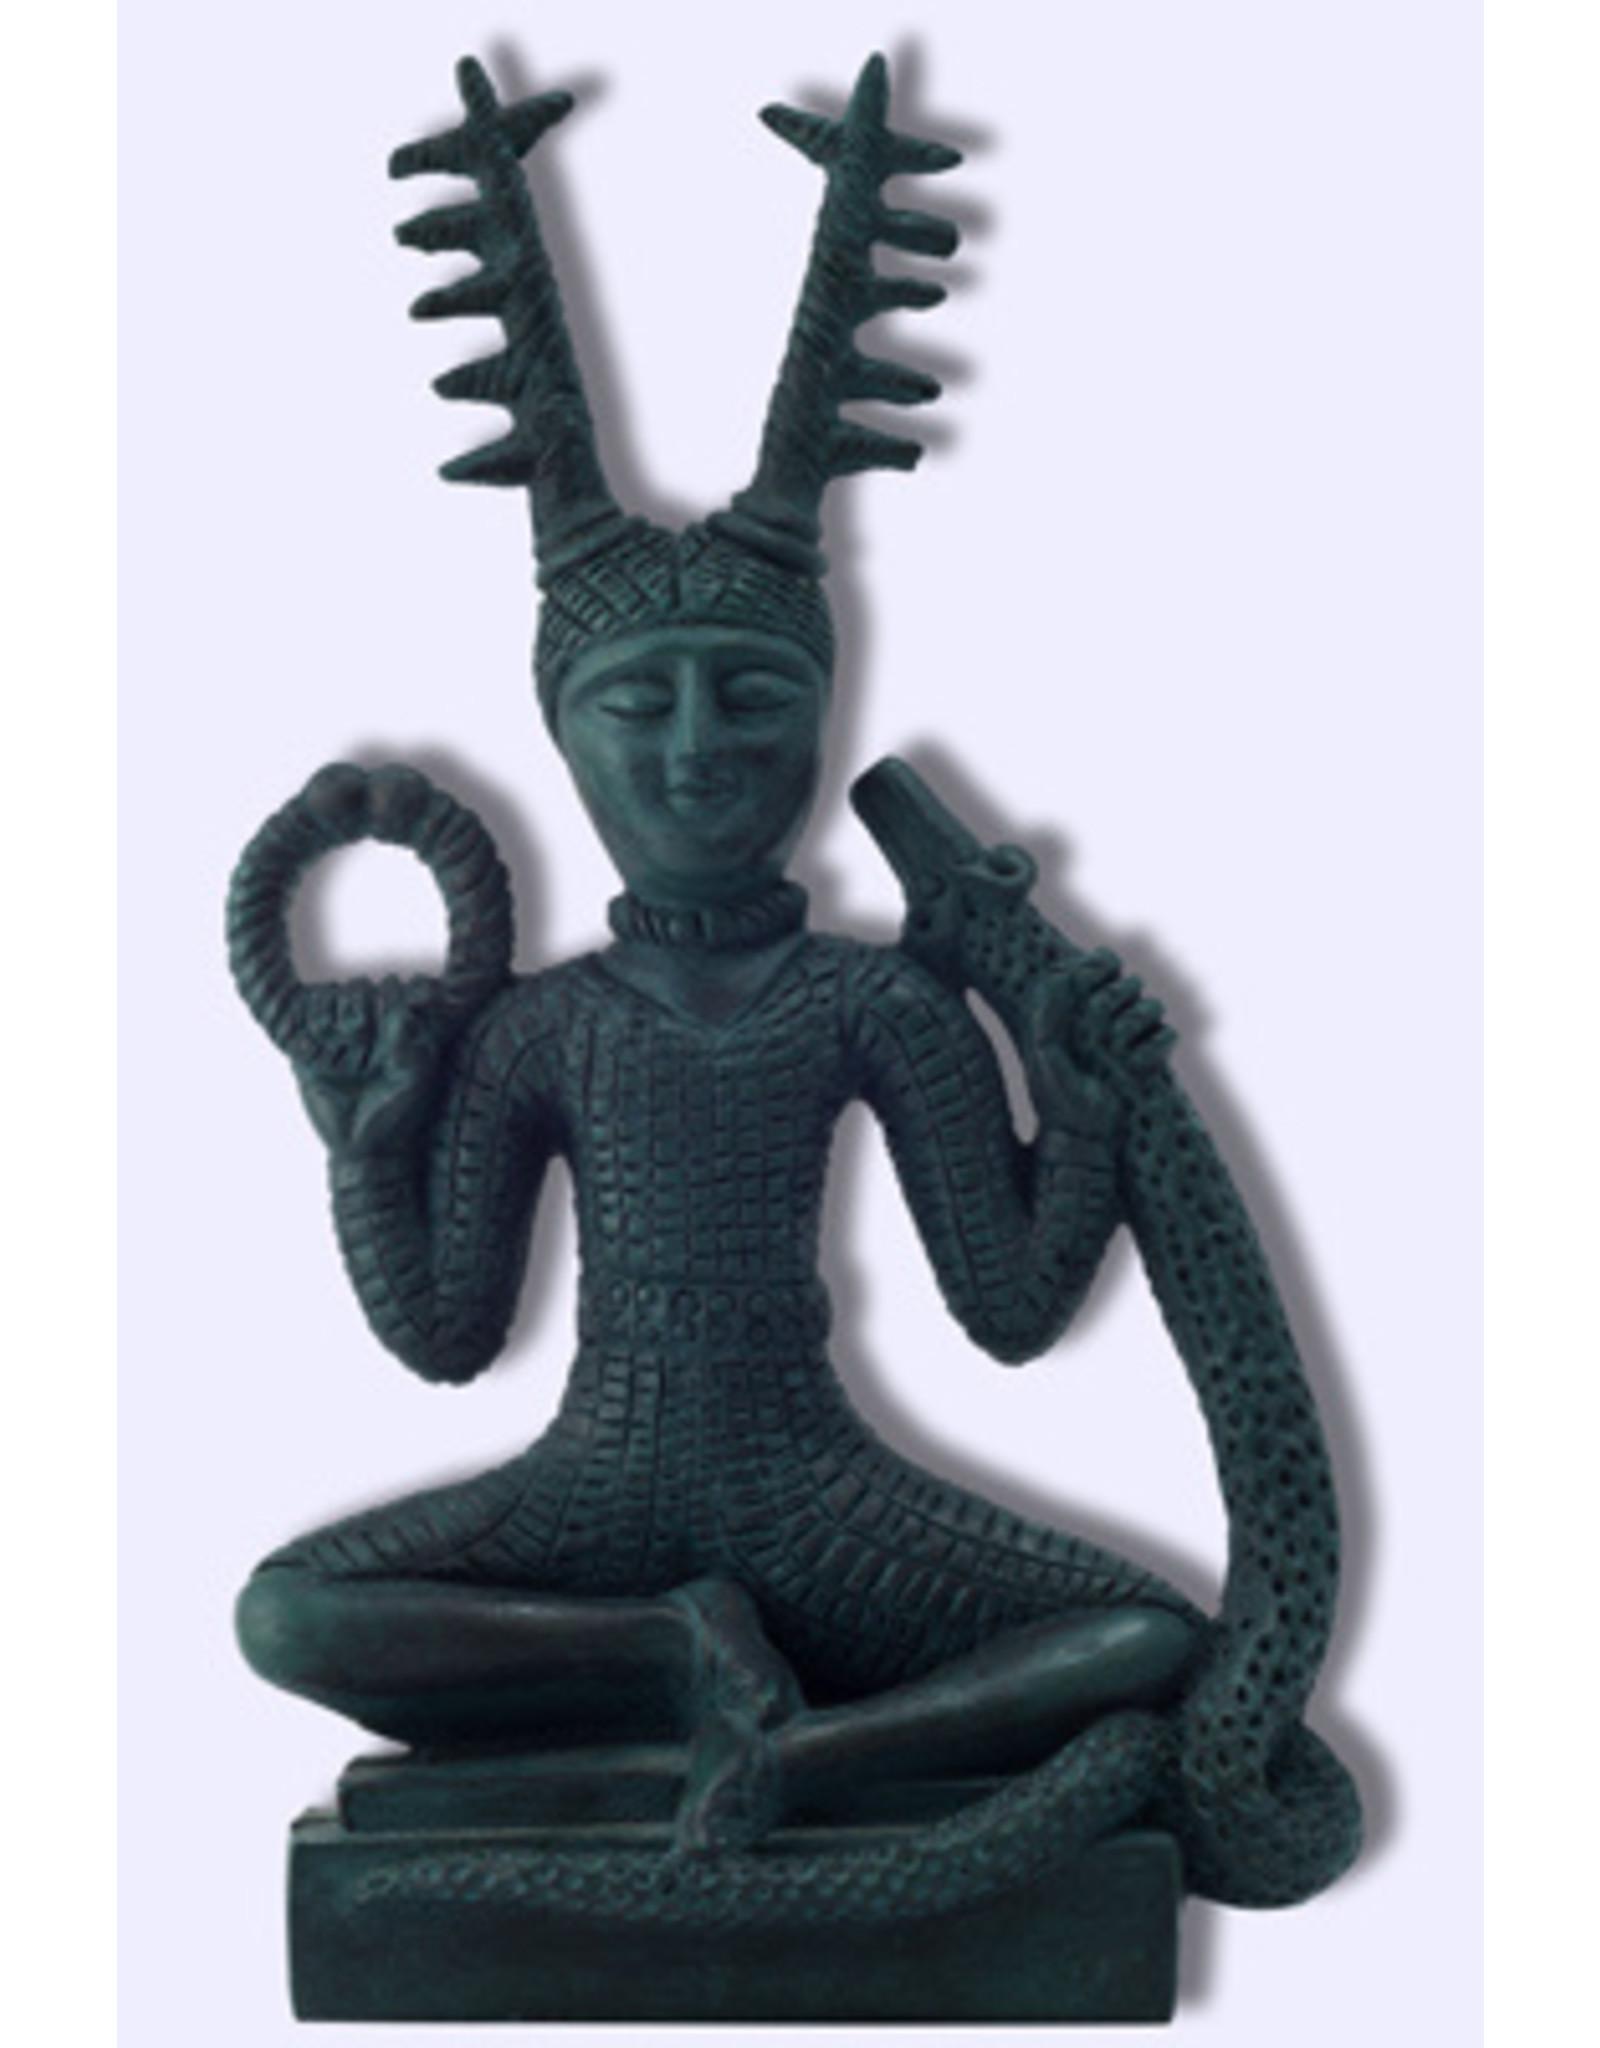 Gundestrup Cernunnos Statue 6 inches